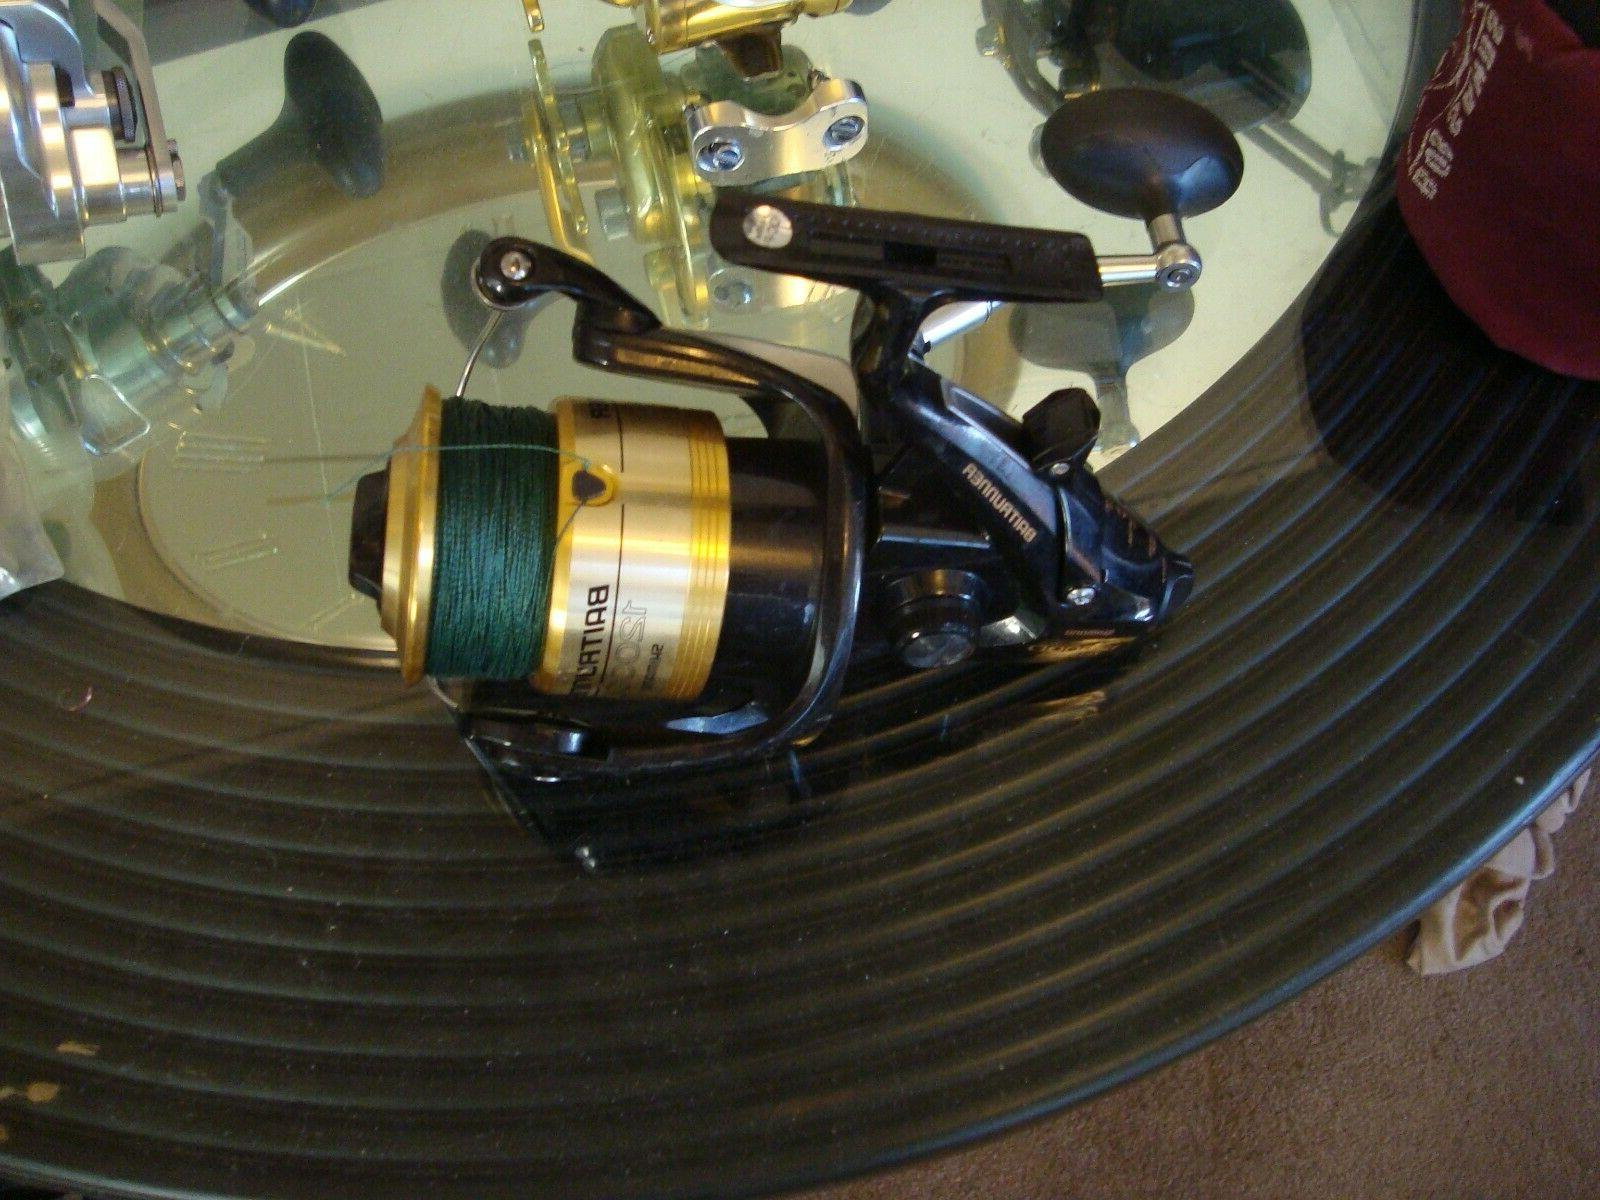 baitrunner 12000d saltwater spinning reel